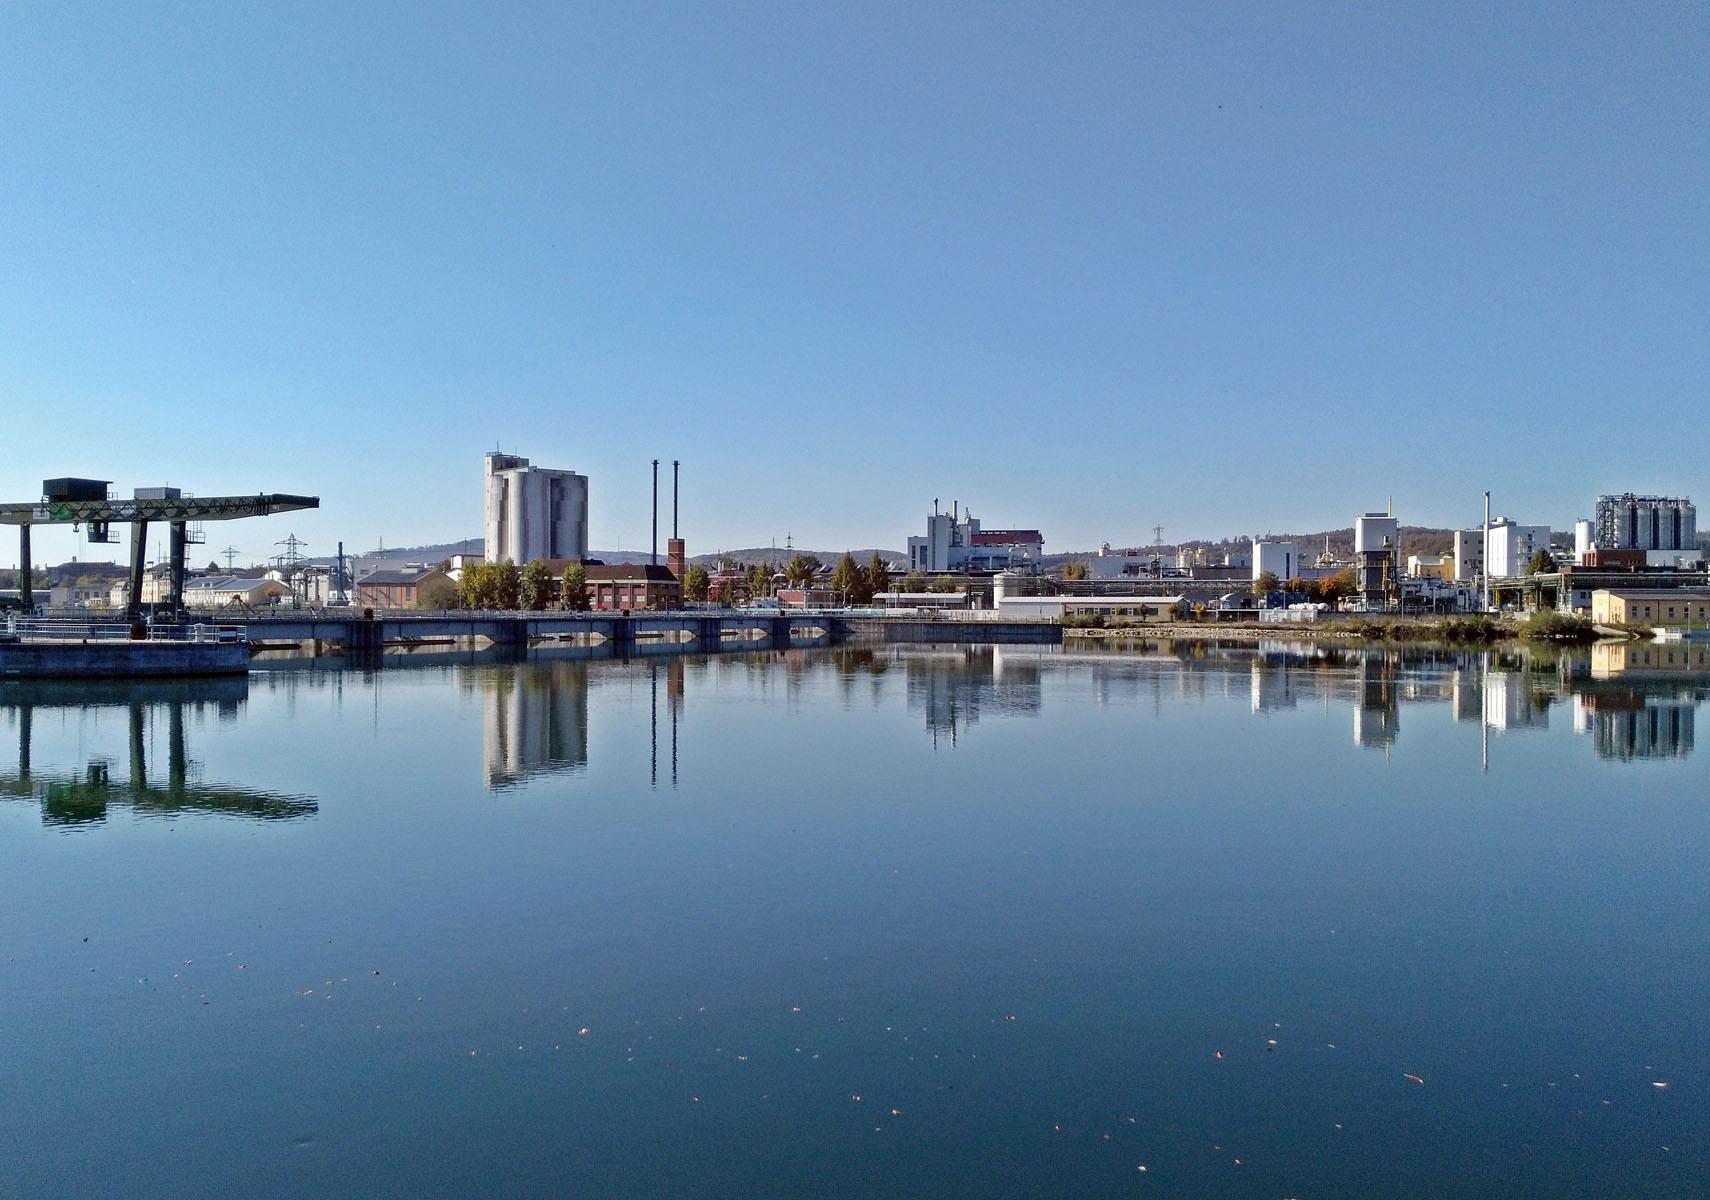 Blick auf die Industrie in Rheinfelden.